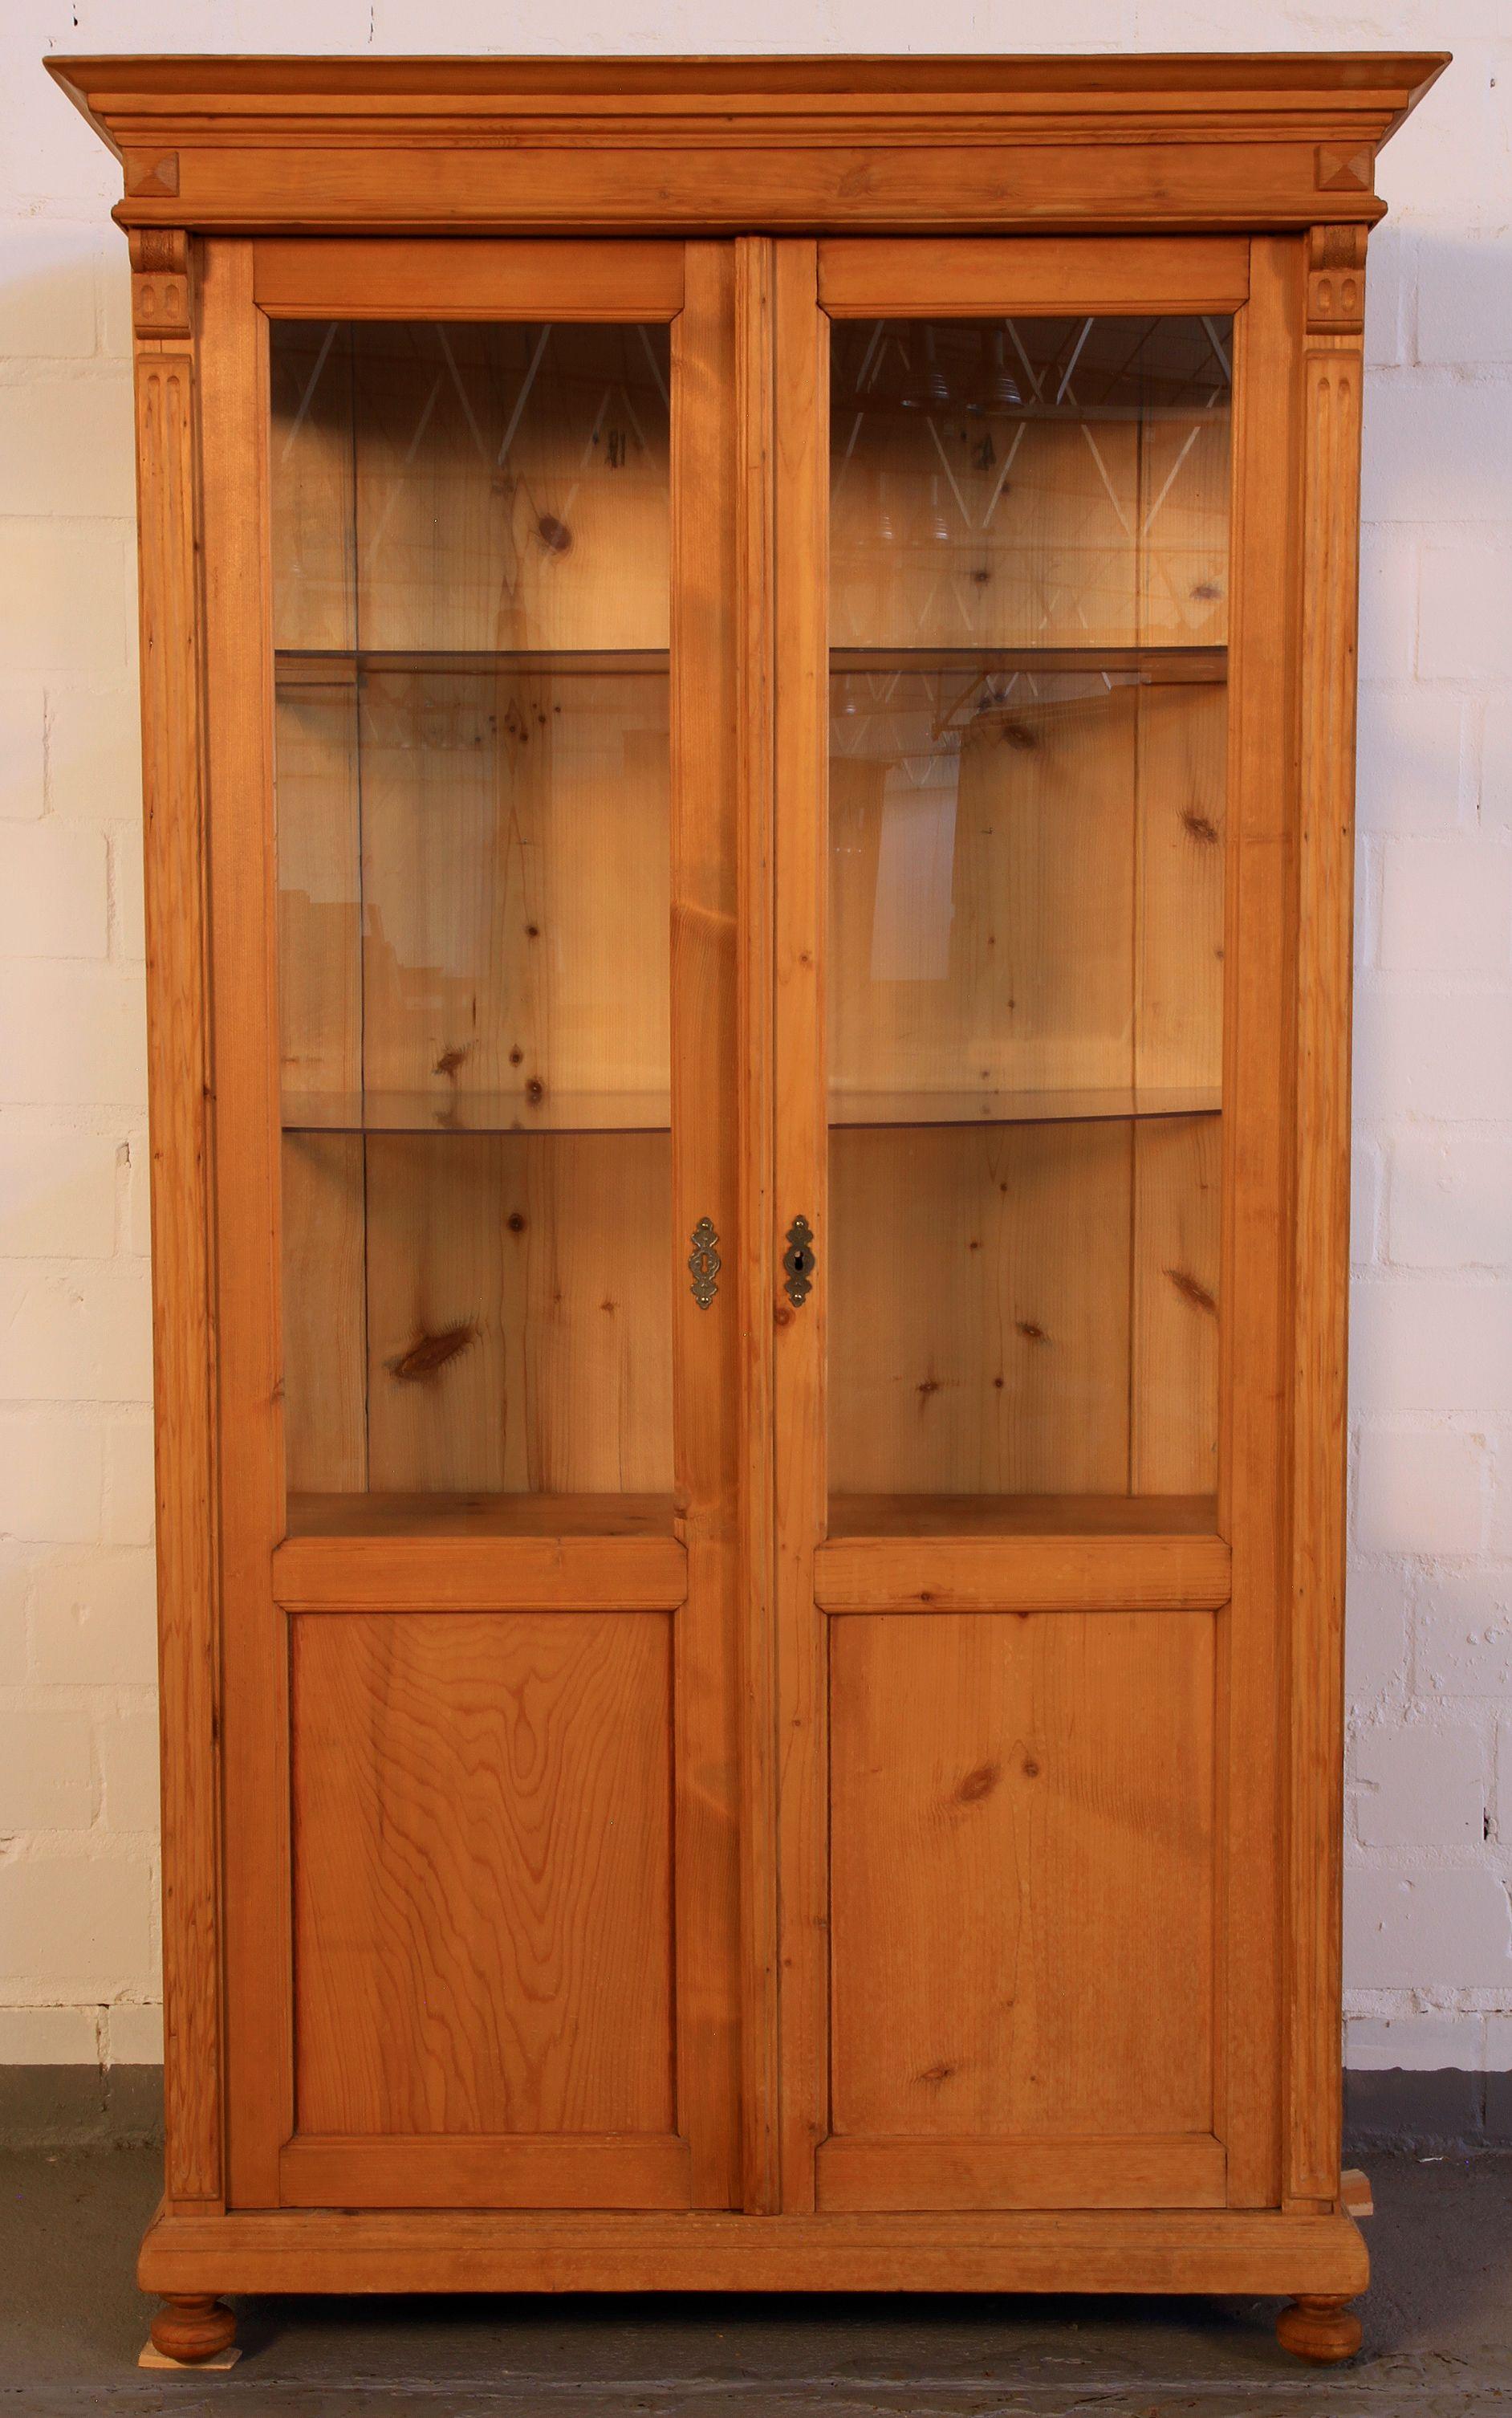 kleine gr nderzeit weichholz vitrine epoche gr nderzeit holzart weichholz ma e h he 170 cm. Black Bedroom Furniture Sets. Home Design Ideas